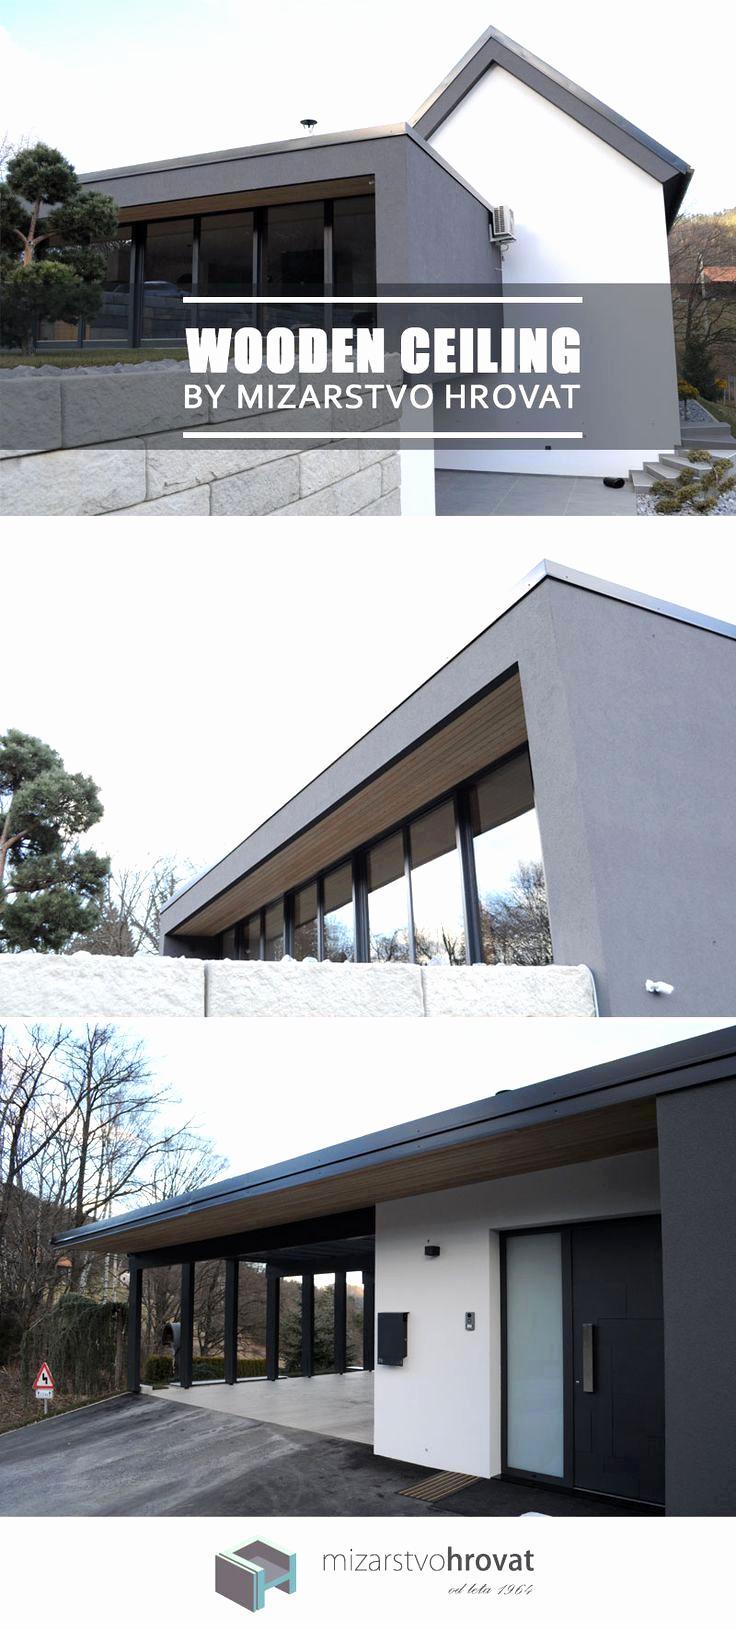 Echelle De toit Leroy Merlin Beau Image Echelle De Couvreur Leroy Merlin Luxe toiture Veranda Leroy Merlin